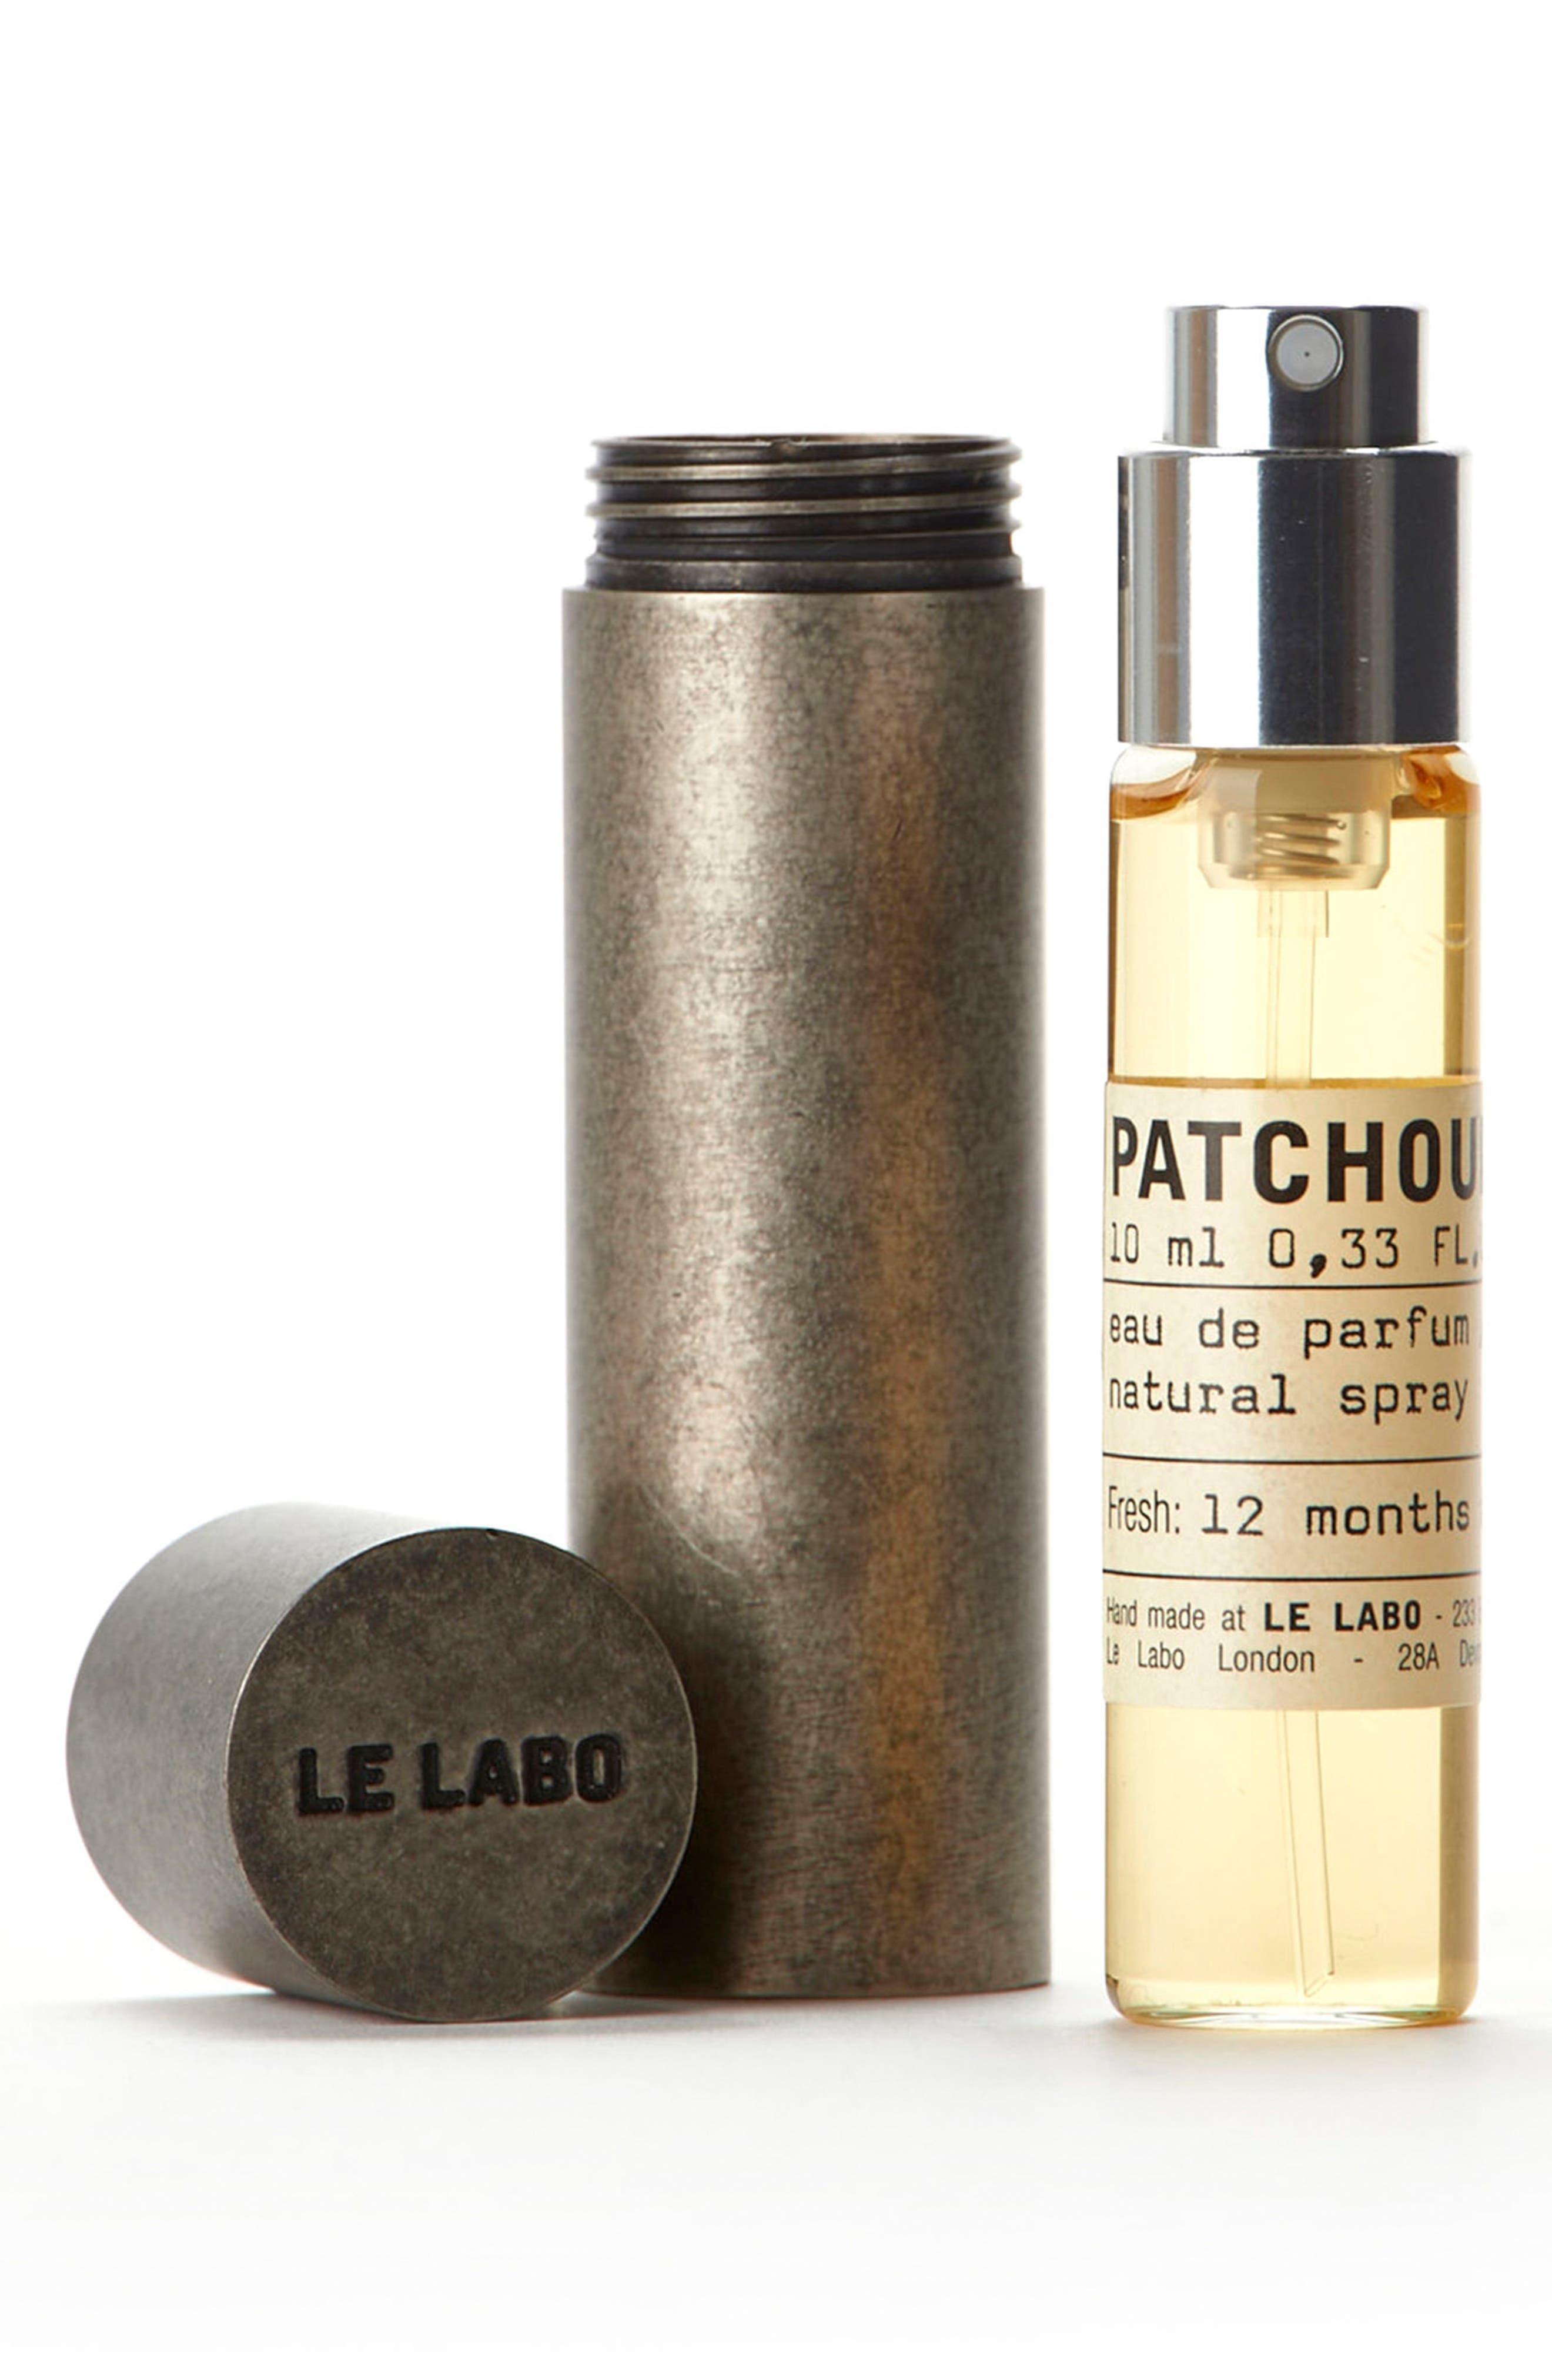 Le Labo 'Patchouli 24' Travel Tube